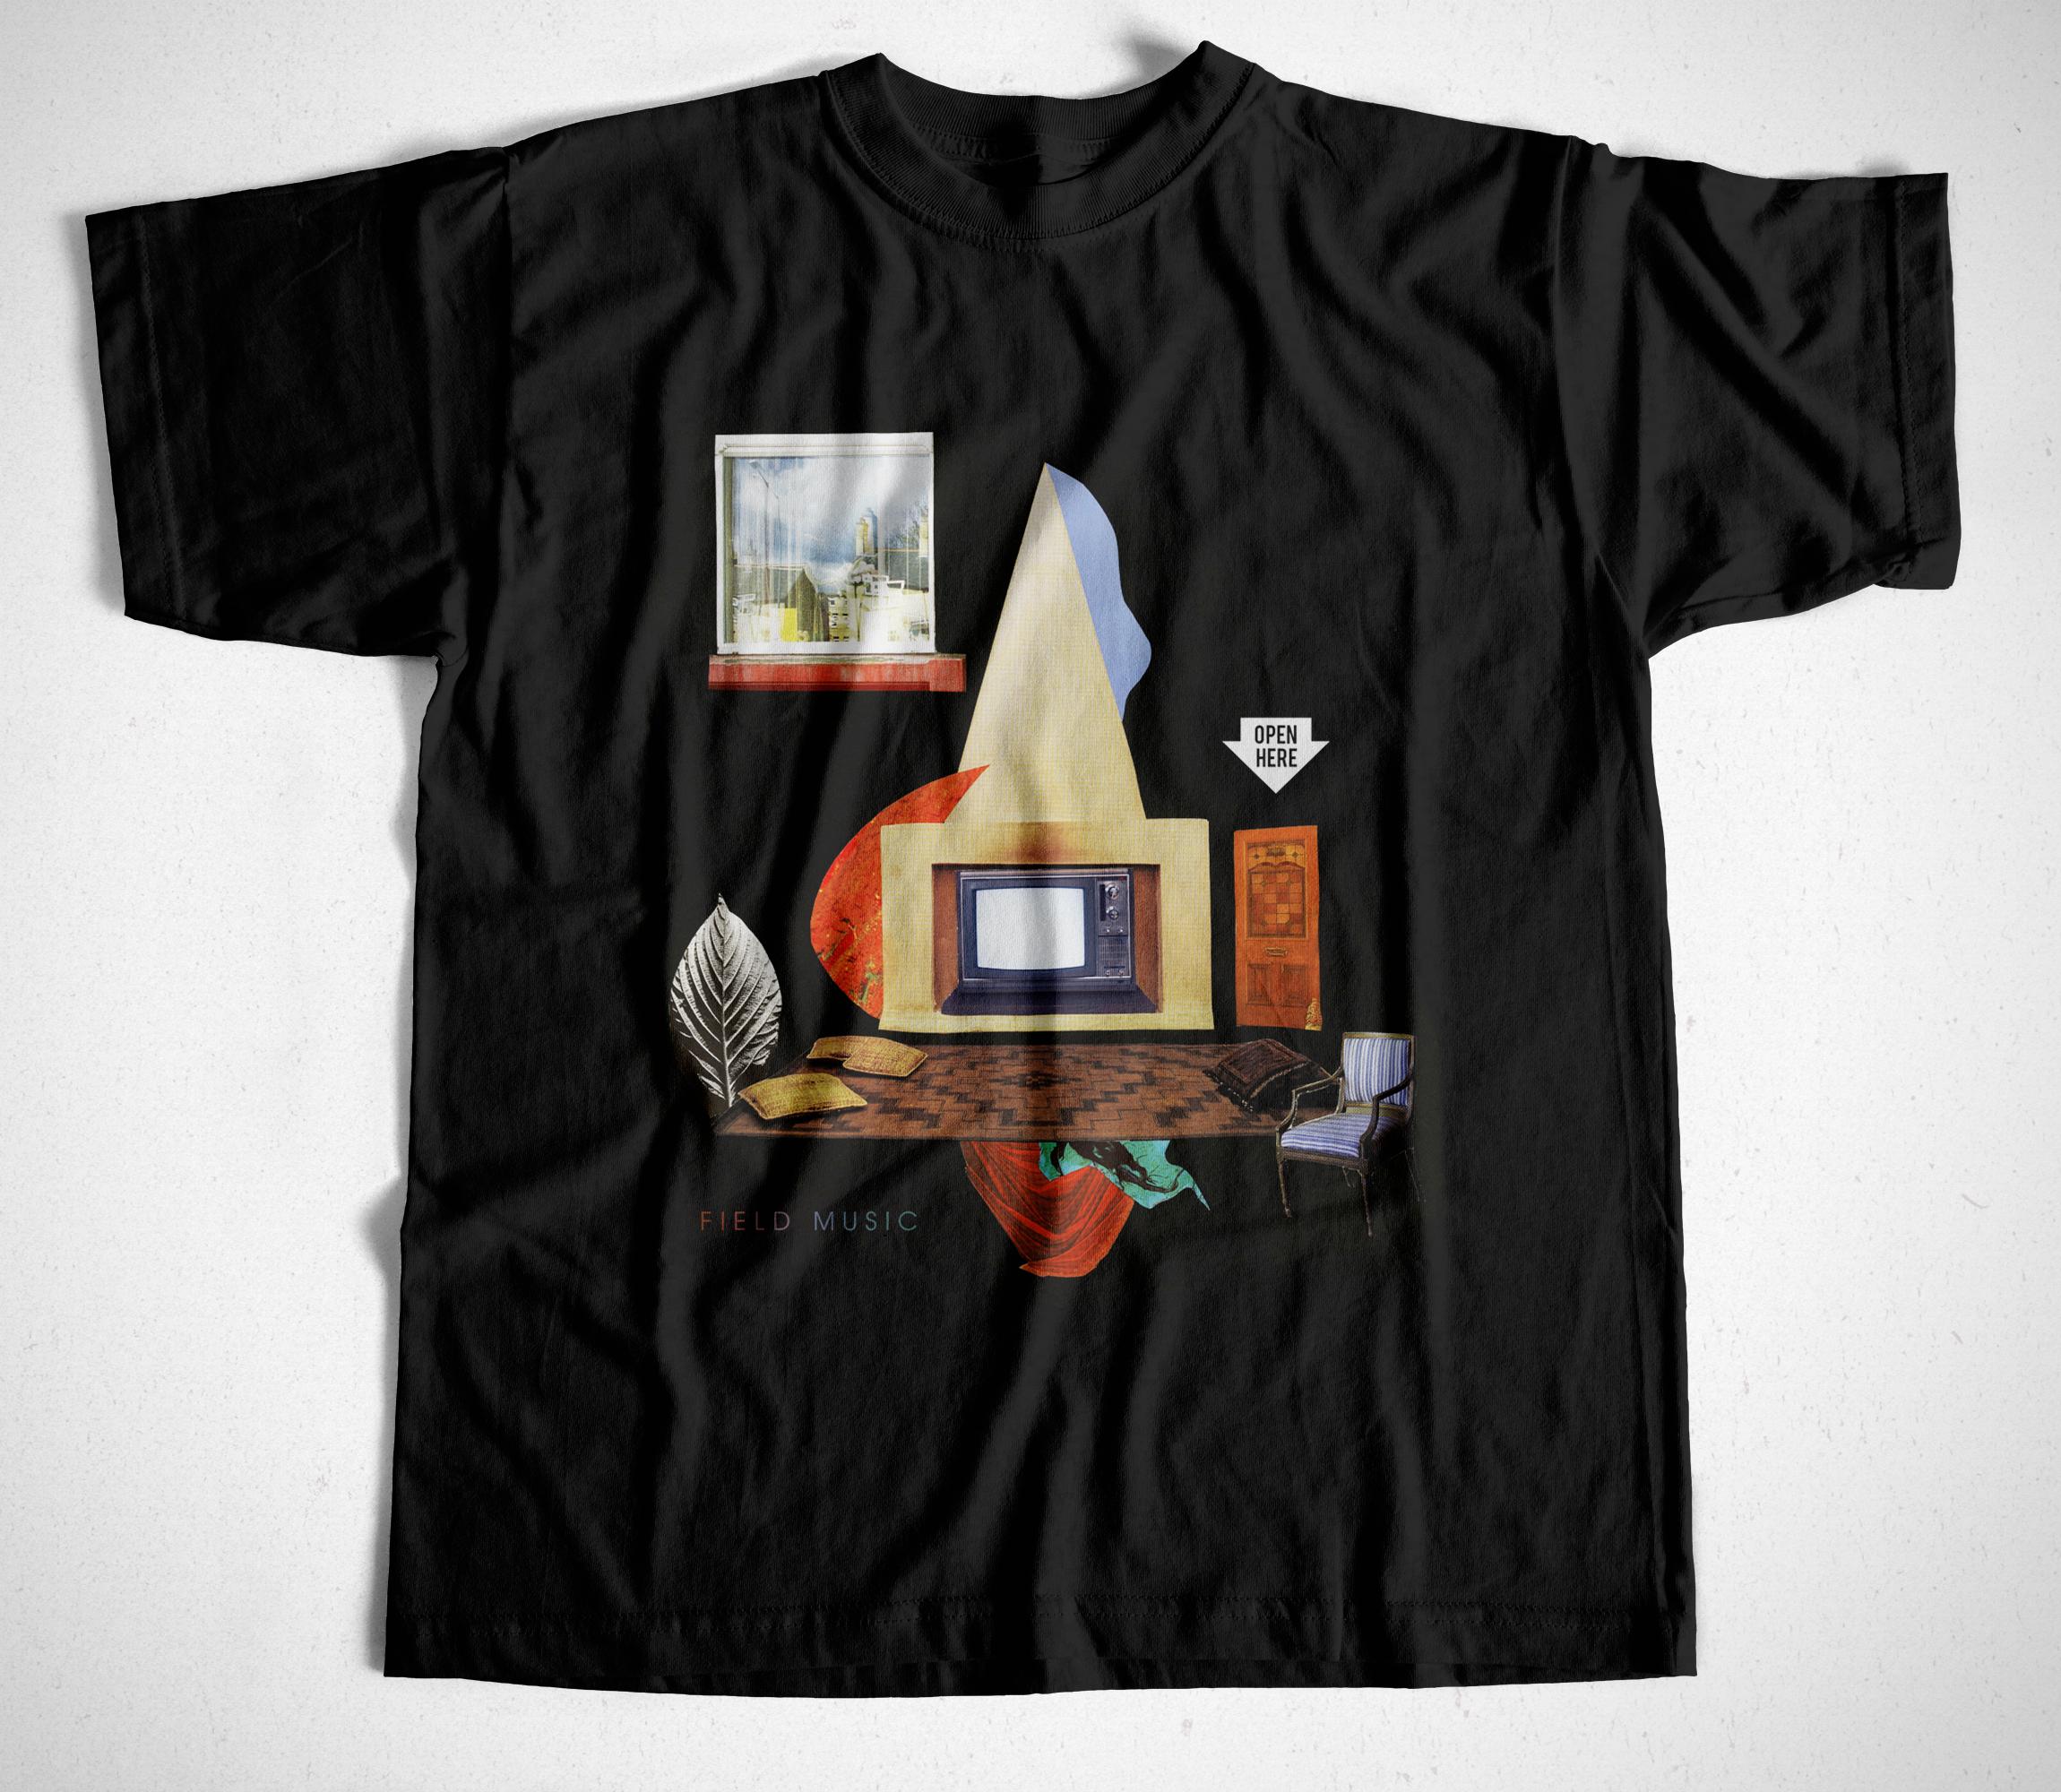 Field Music - Open Here T Shirt - Field Music